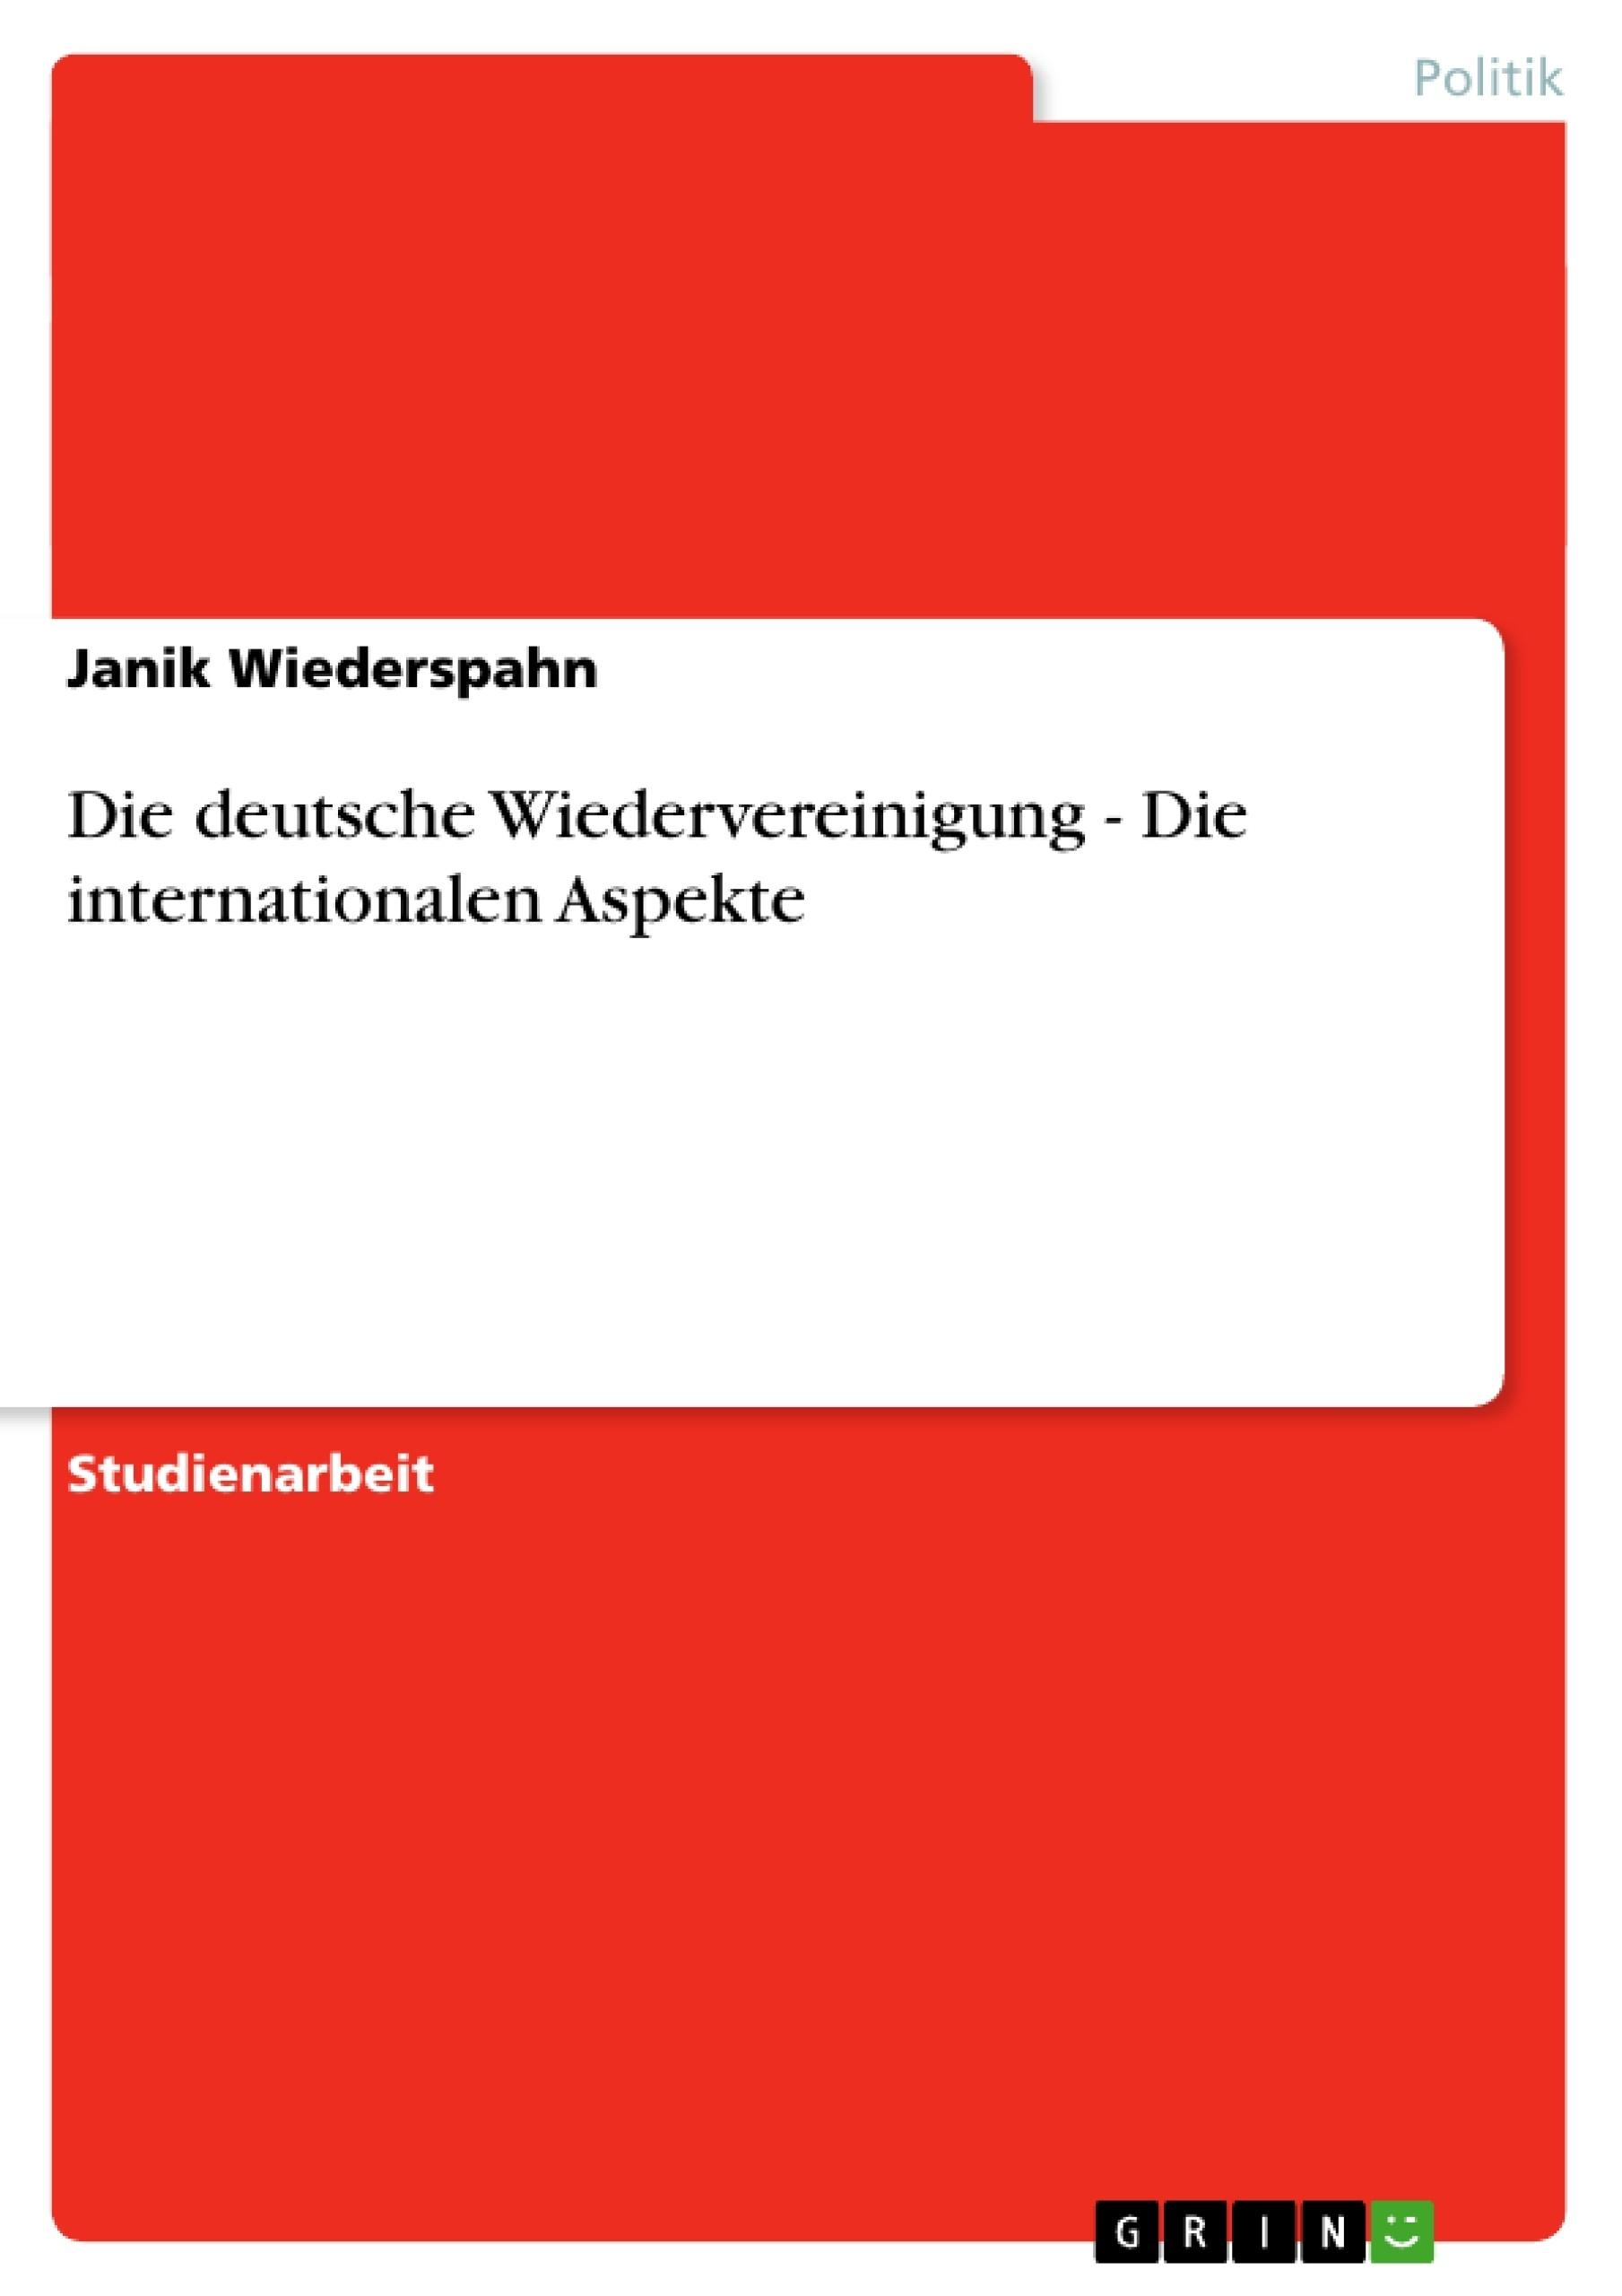 Titel: Die deutsche Wiedervereinigung - Die internationalen Aspekte